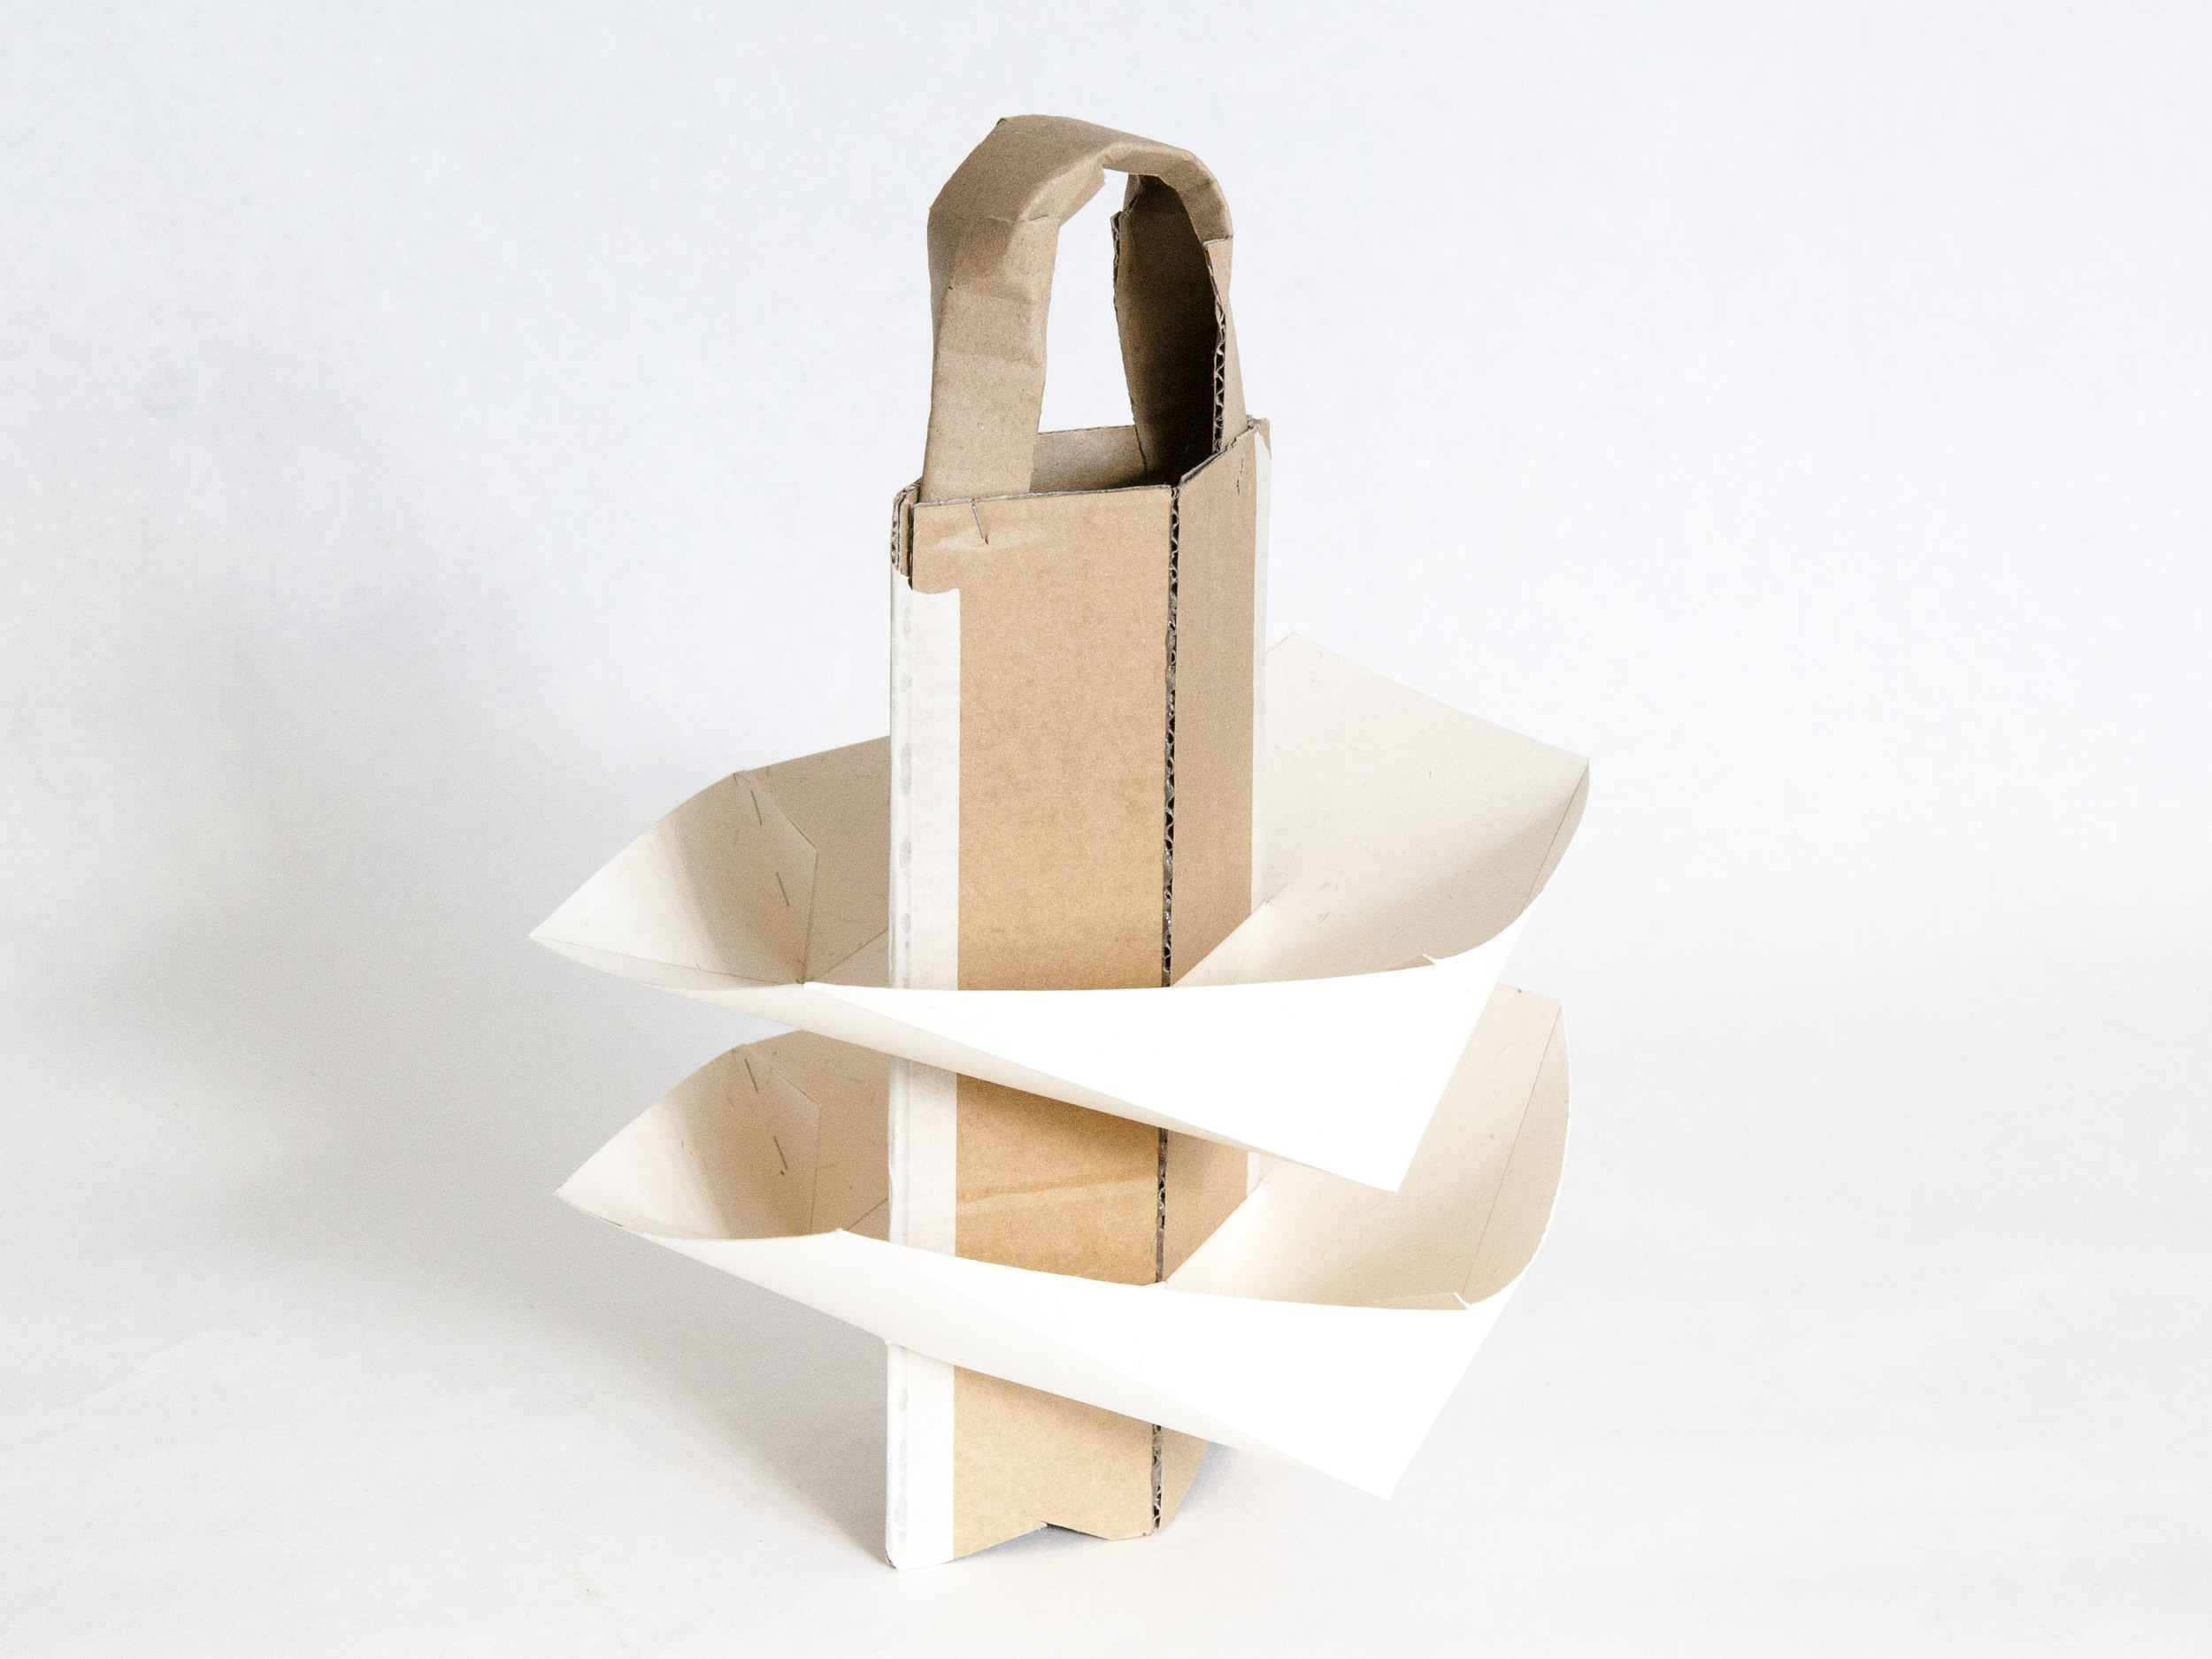 packaging_prozess_kreativkonsum02.jpg